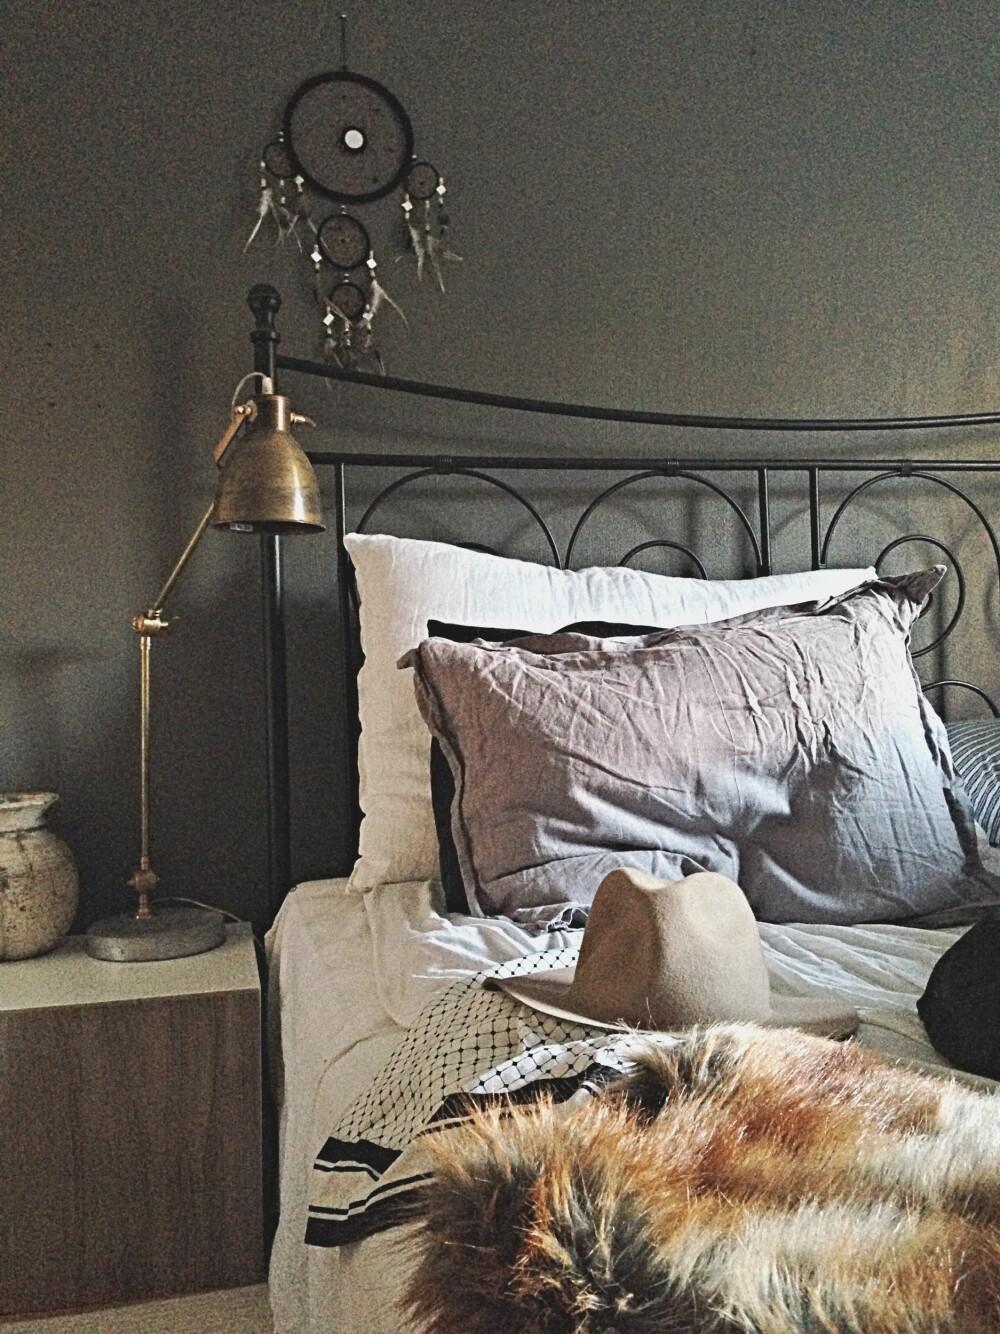 VARME FARGER: Skaper en lun og god stemning på soverommmet.